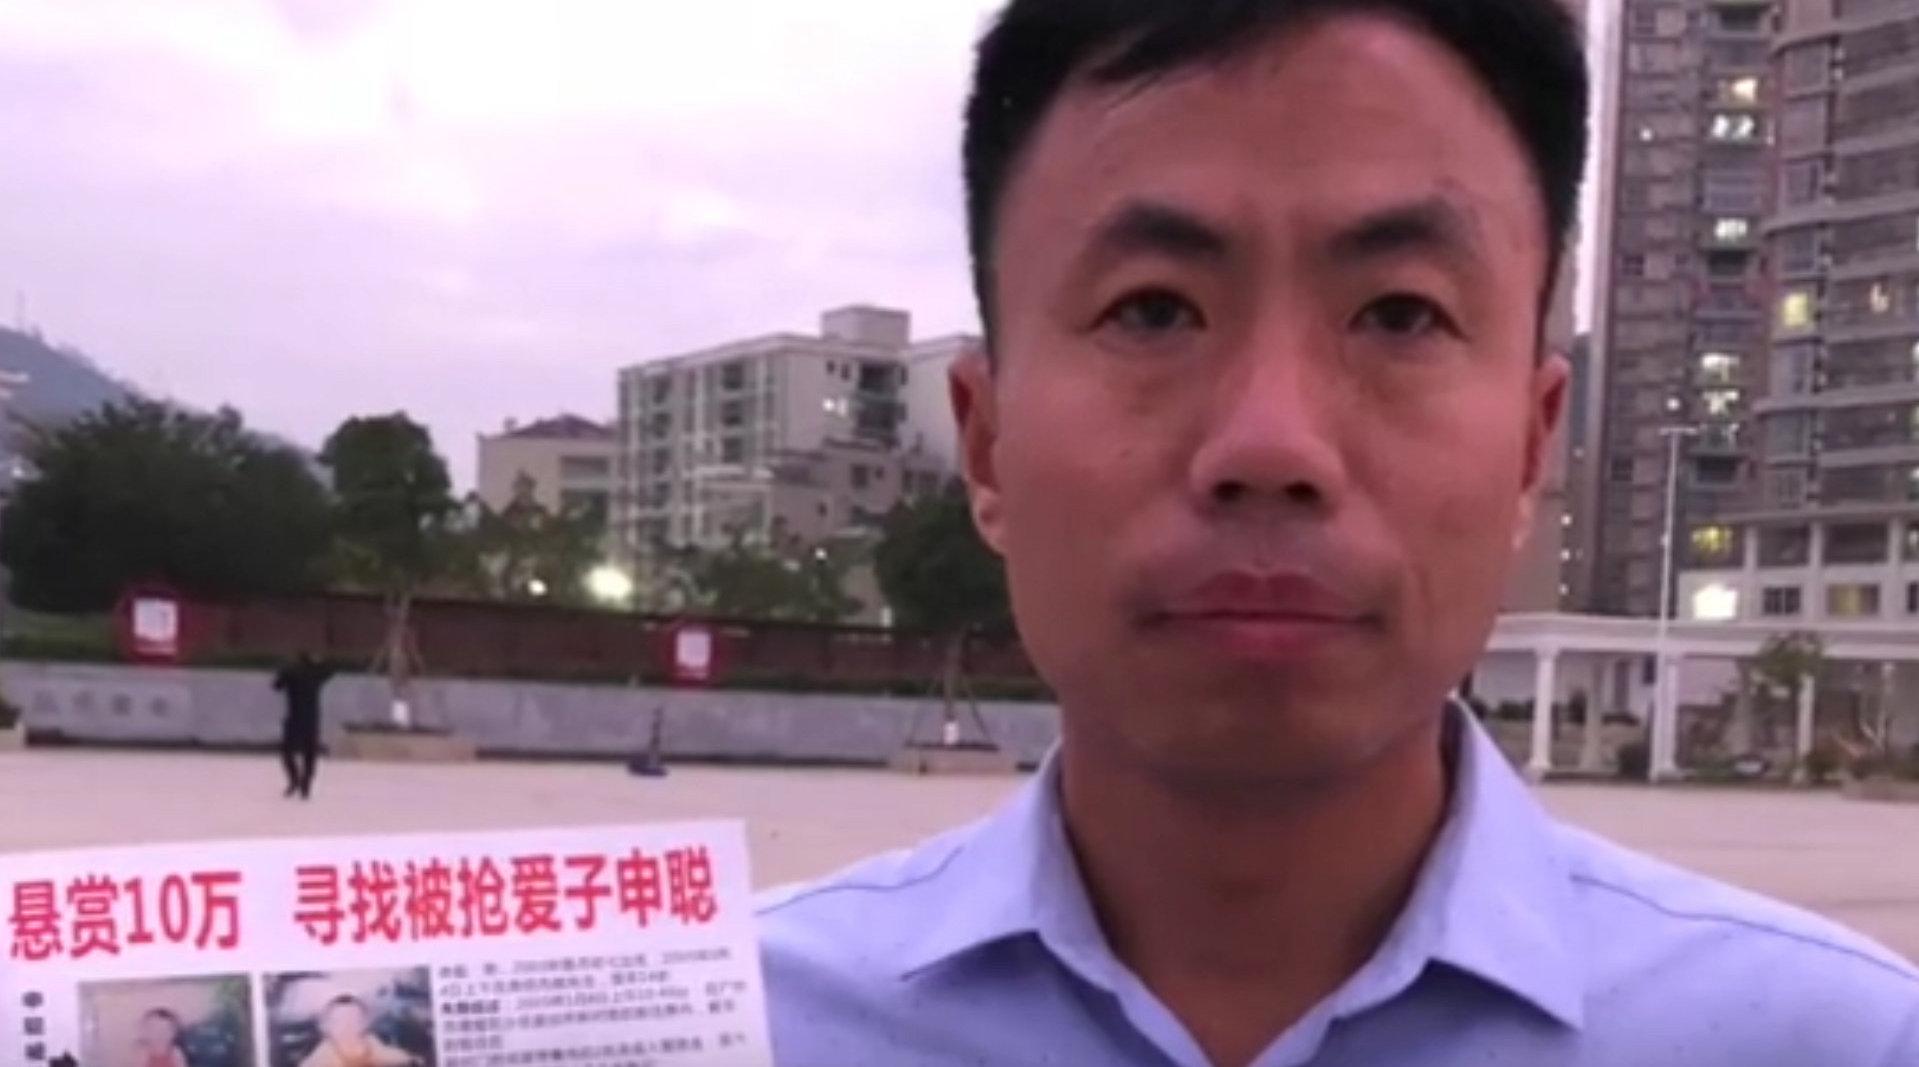 被拐儿童父亲谈人贩梅姨:为寻子倾家荡产 欠债五十多万